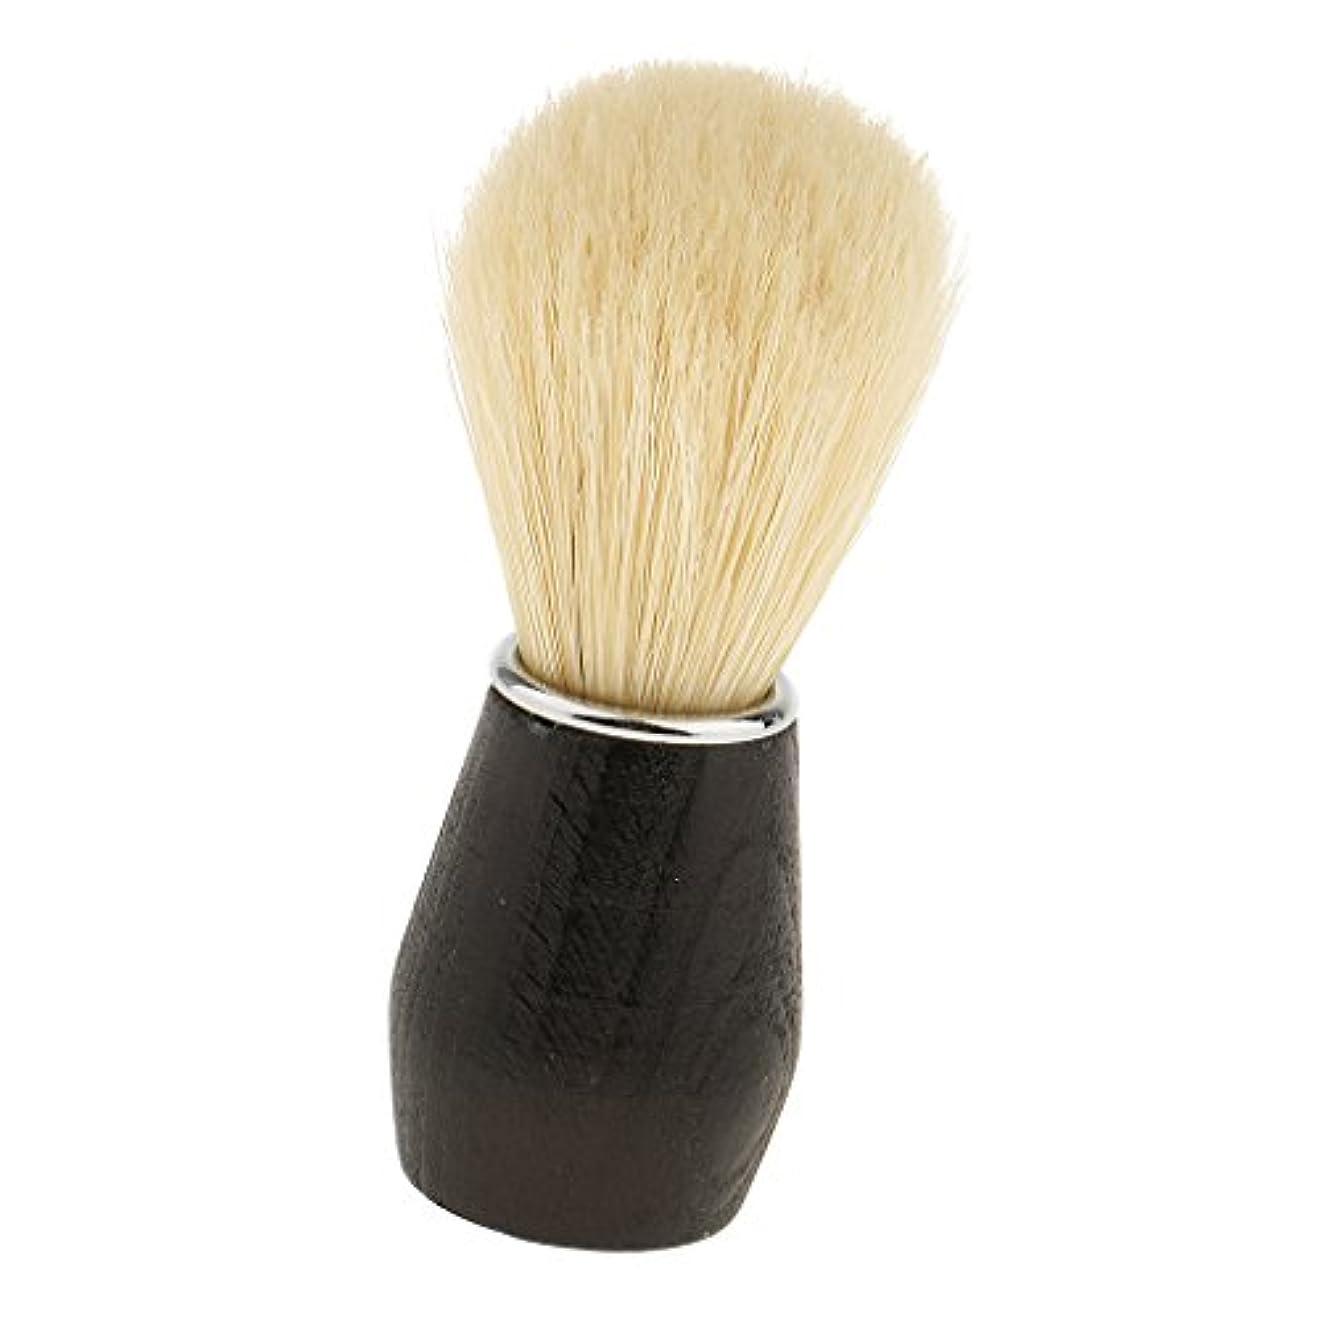 フェローシップ変位ばかBaosity 父のギフト ソフト 実用的 プロフェッショナル バーバーサロン家庭用 ひげ剃りブラシ プラスチックハンドル フェイシャルクリーニングブラシ ブラック